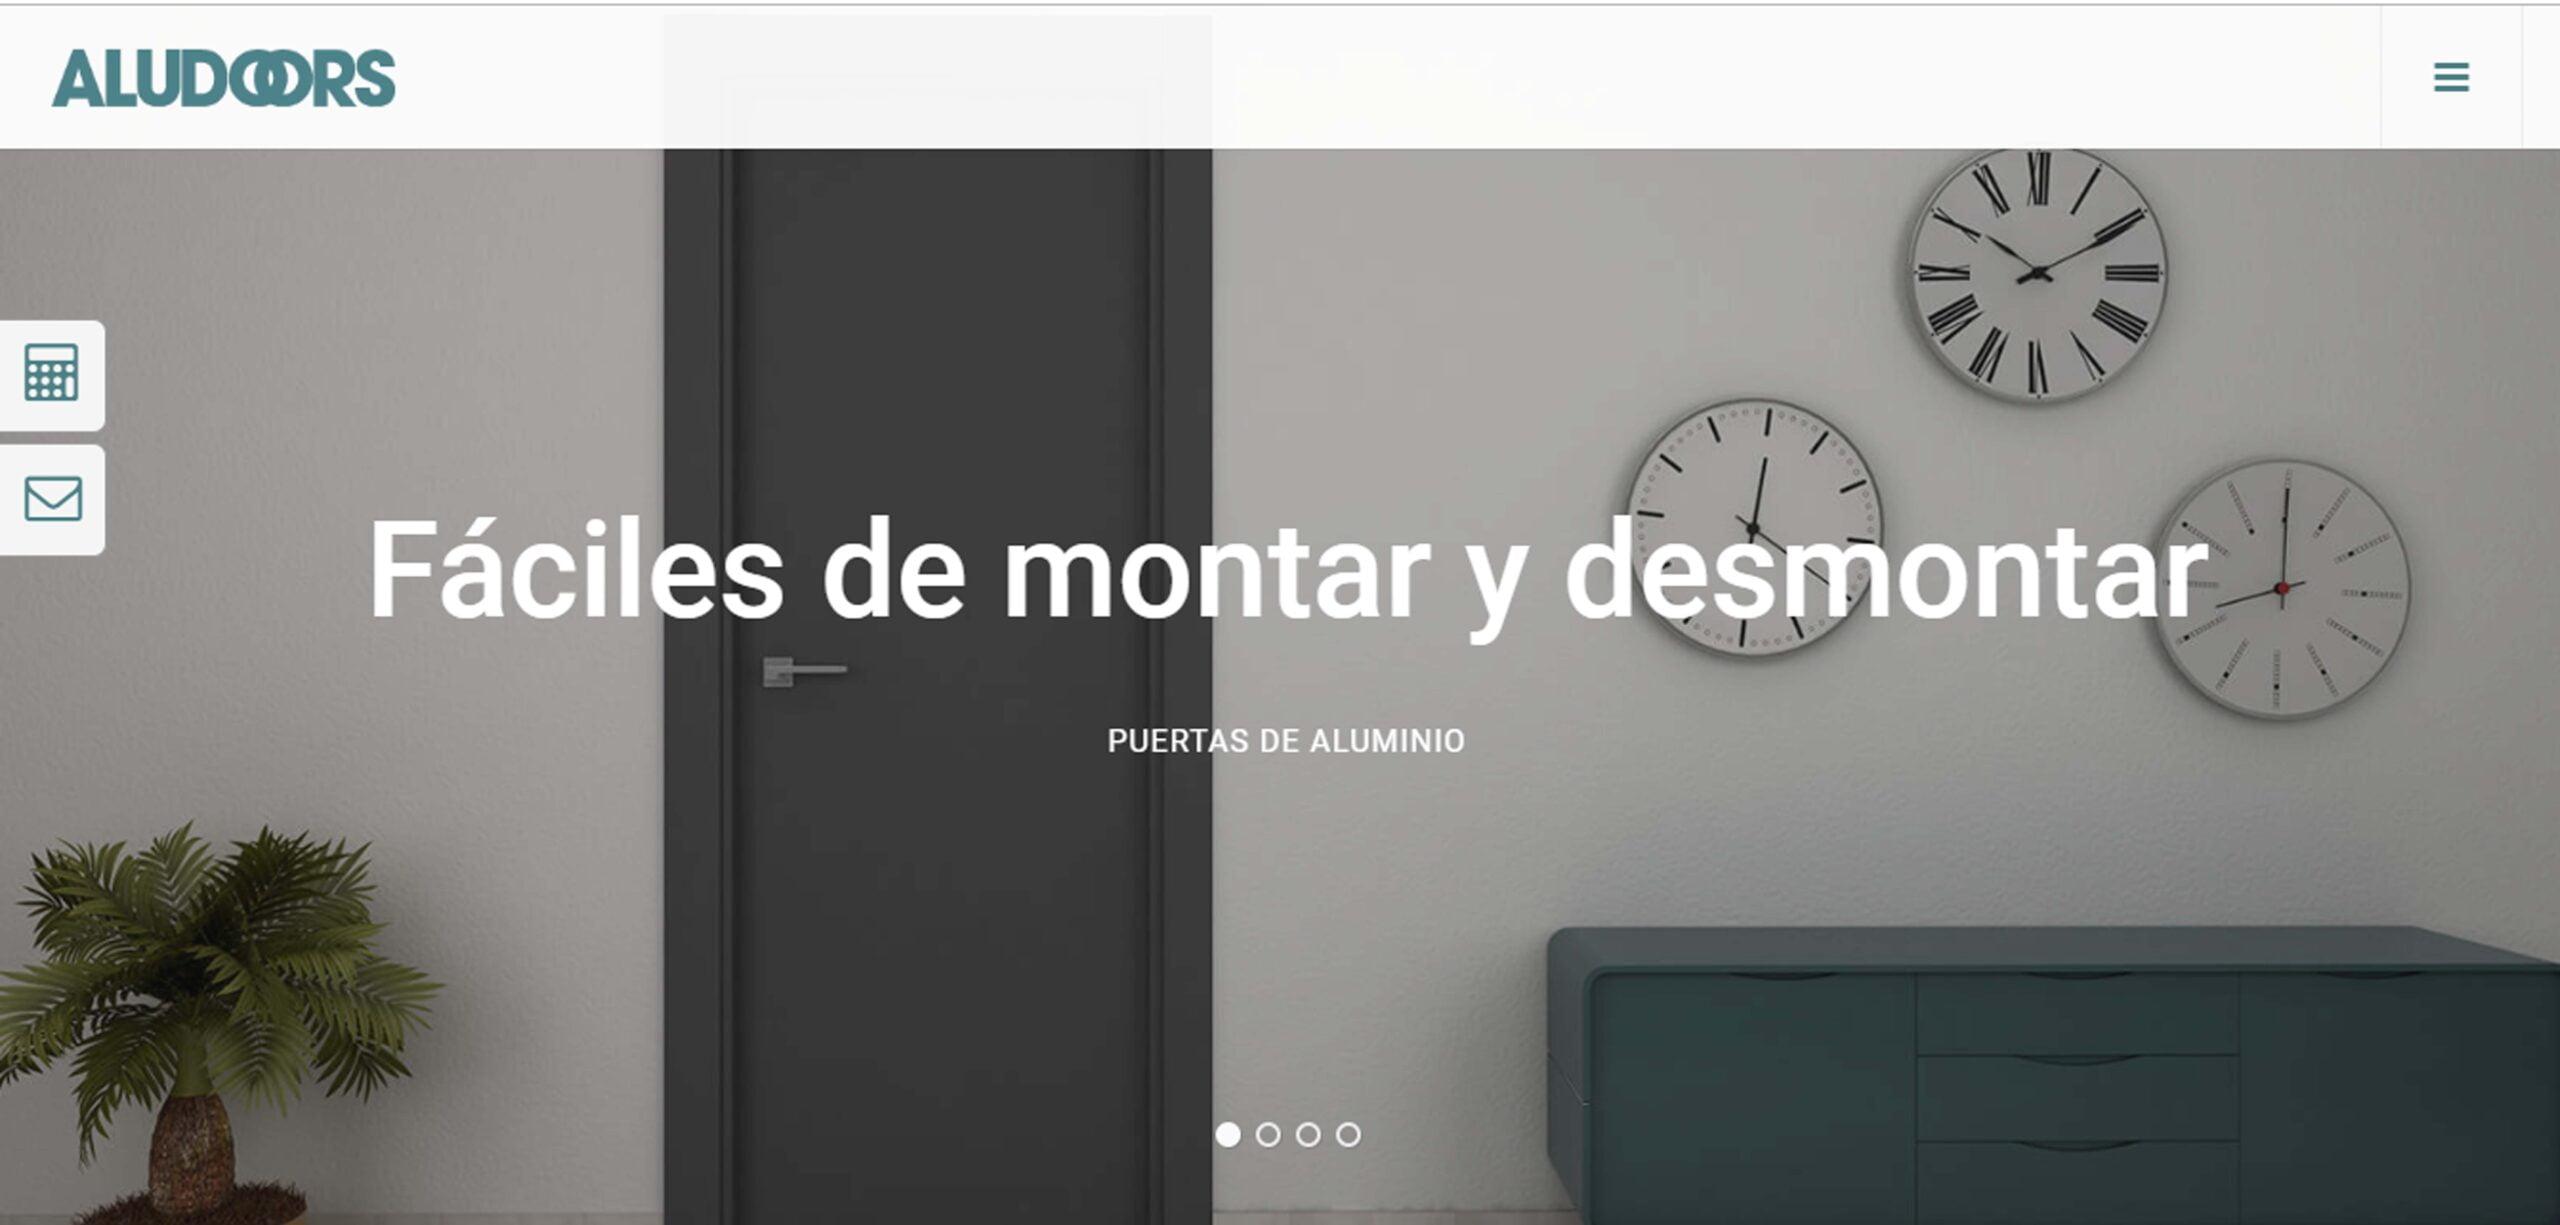 programación web granada Alto Servicios. Diseño web y SEO